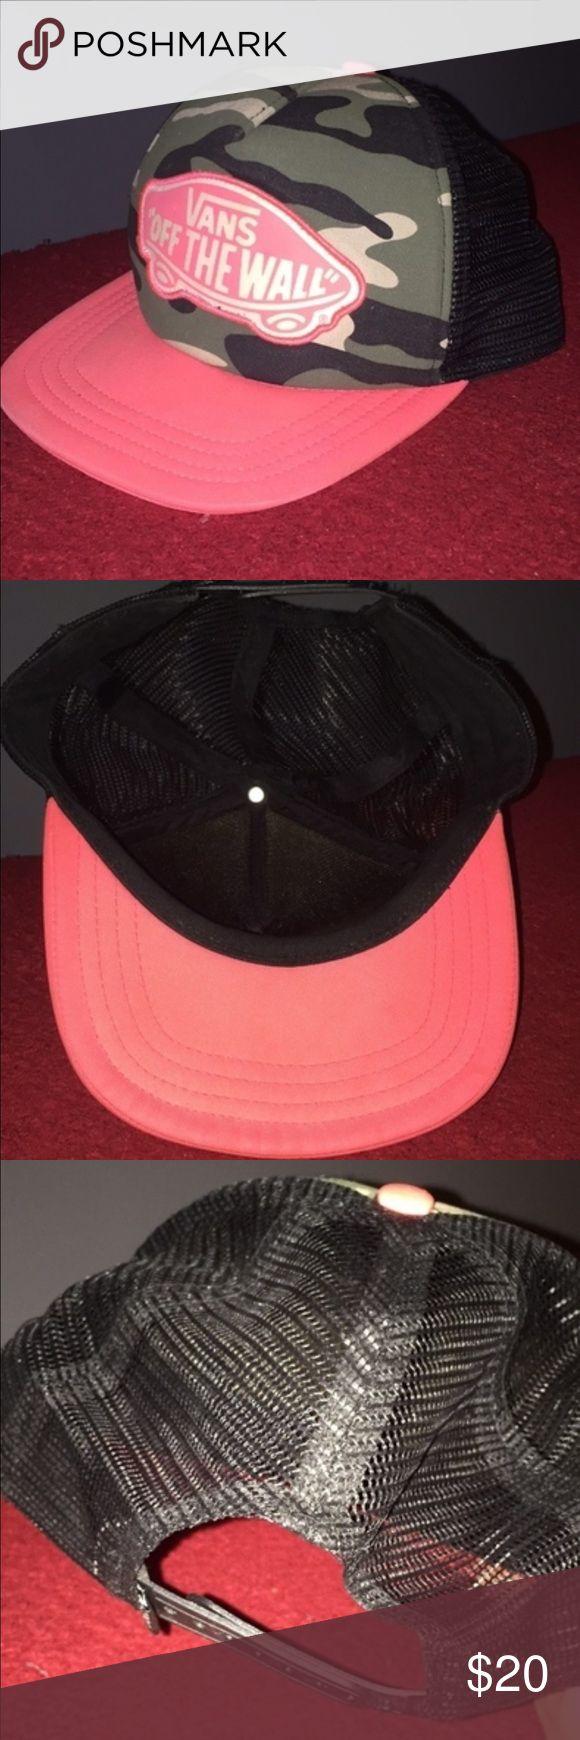 Vans Camo/Pink Snapback Camo and pink Vans snapback. Slightly worn. Good Condition. Vans Accessories Hats